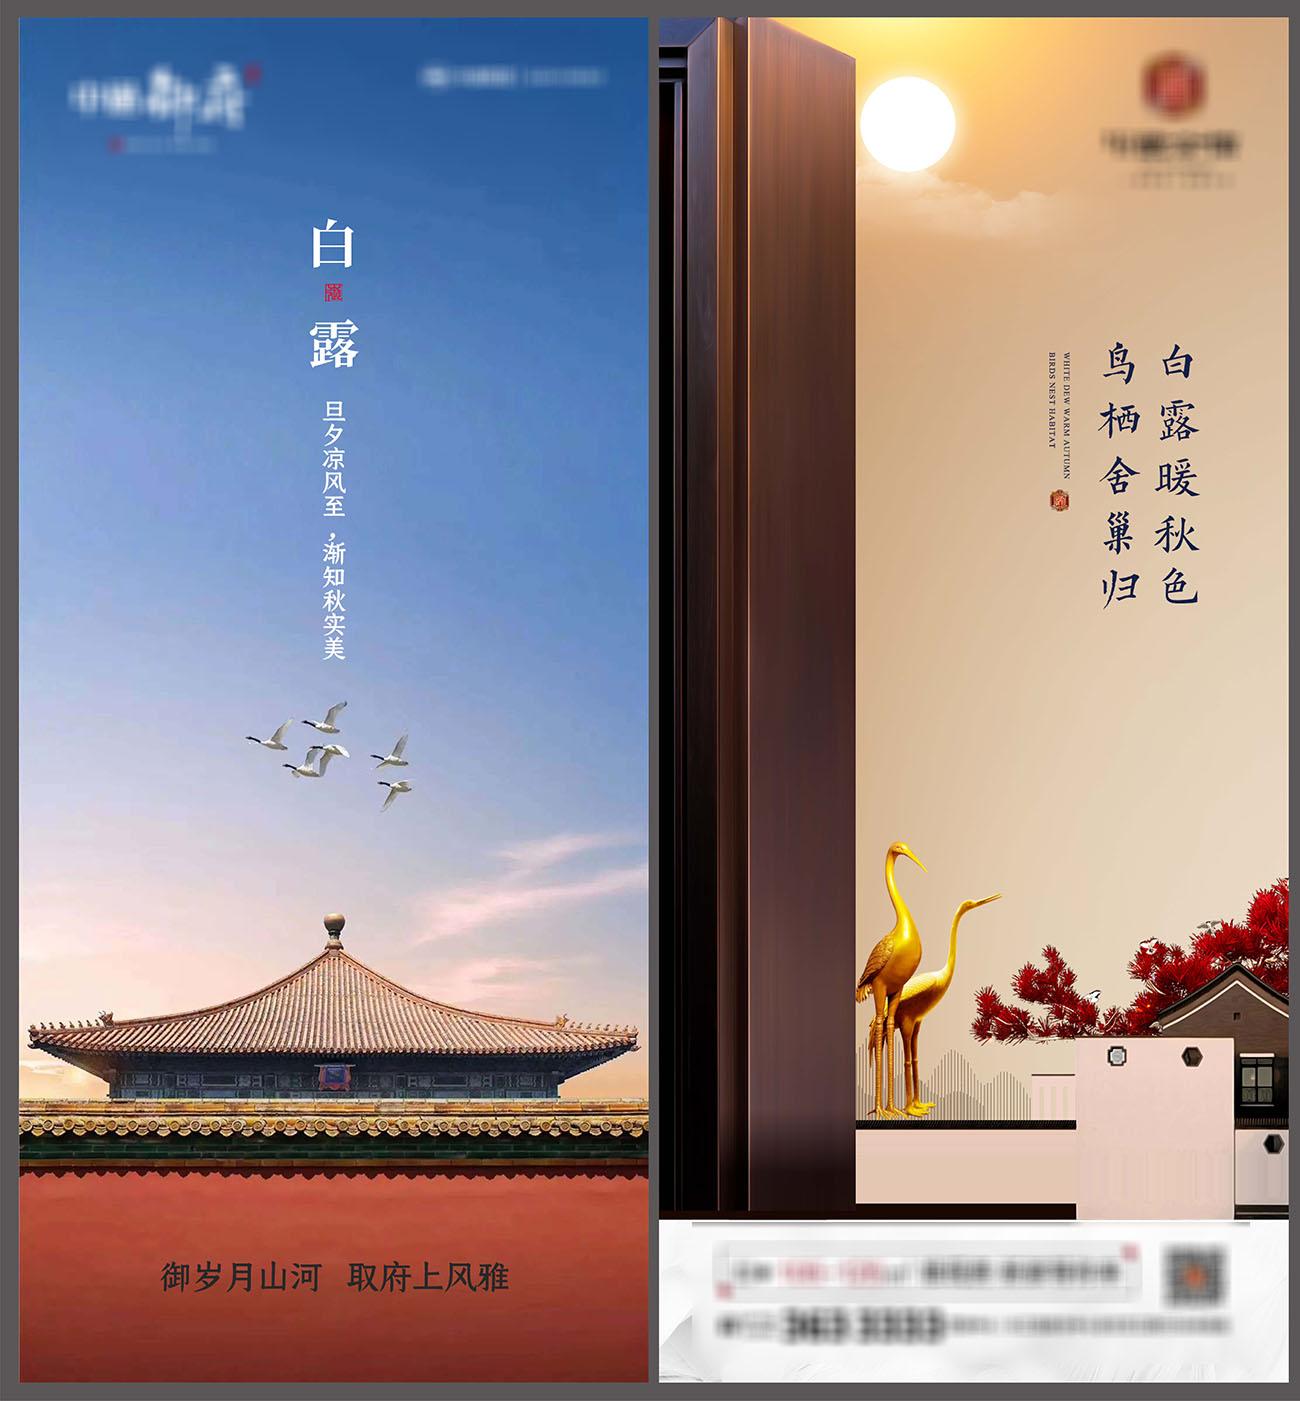 中式房地产节气白露刷屏海报PSD源文件插图